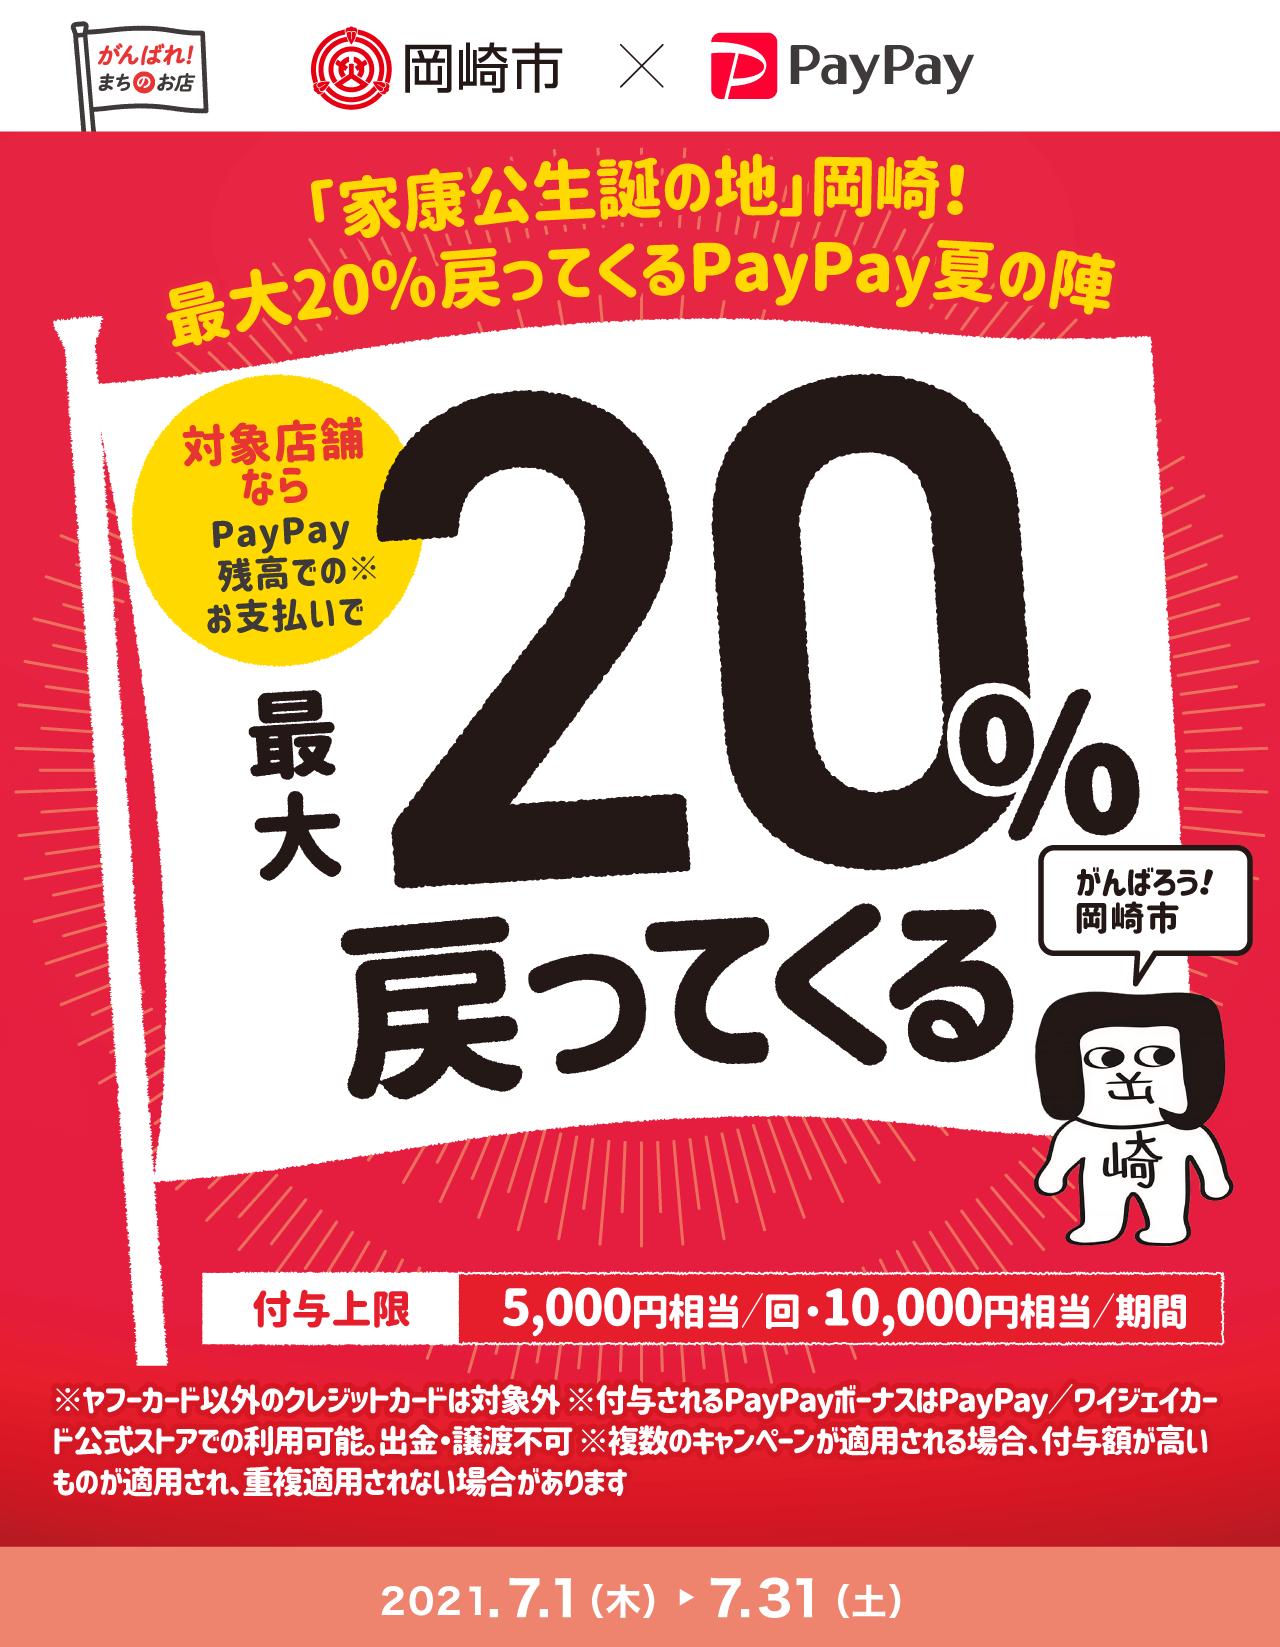 「家康公生誕の地」岡崎!最大20%戻ってくるPayPay夏の陣 対象店舗ならPayPay残高でのお支払いで最大20%戻ってくる